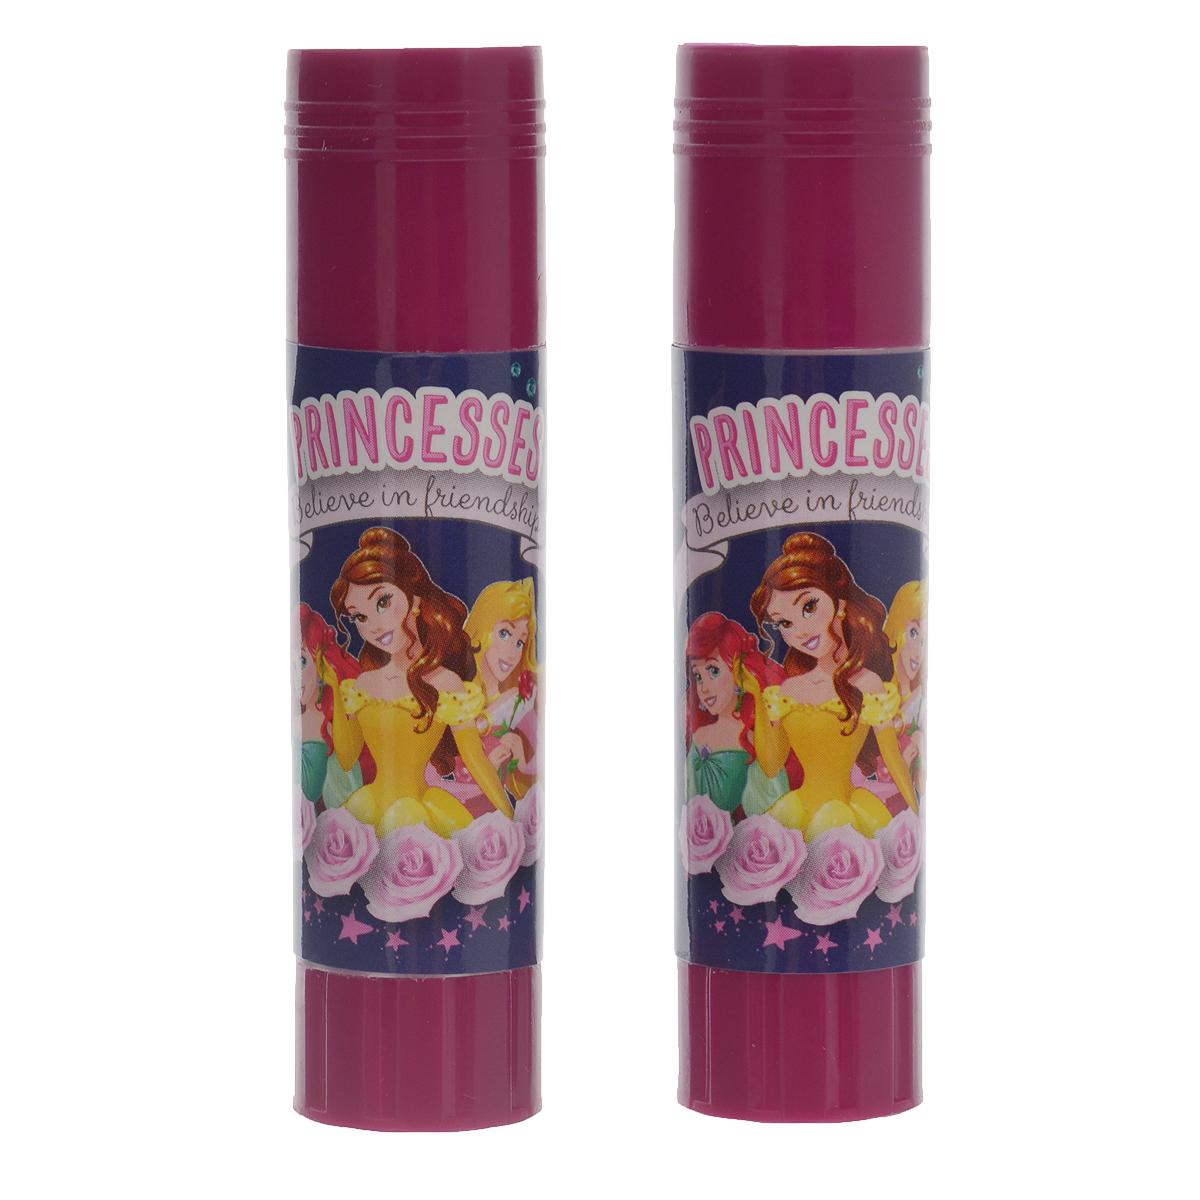 Клей-карандаш Disney Princess, 9 г, 2 штPRCB-US1-9G-H2Клей-карандаш Disney Princess идеально подходит для склеивания бумаги, картона и фотографий. Выкручивающийся механизм обеспечивает постепенное выдвижение клеящего стержня из пластикового корпуса. Клей легко наносится, не деформирует поверхность, а также отстирывается от большинства тканей. Клей-карандаш экологически безопасен и не имеет запаха. Идеален для использования дома, в школе, офисе. Вес одной упаковки: 9 г.